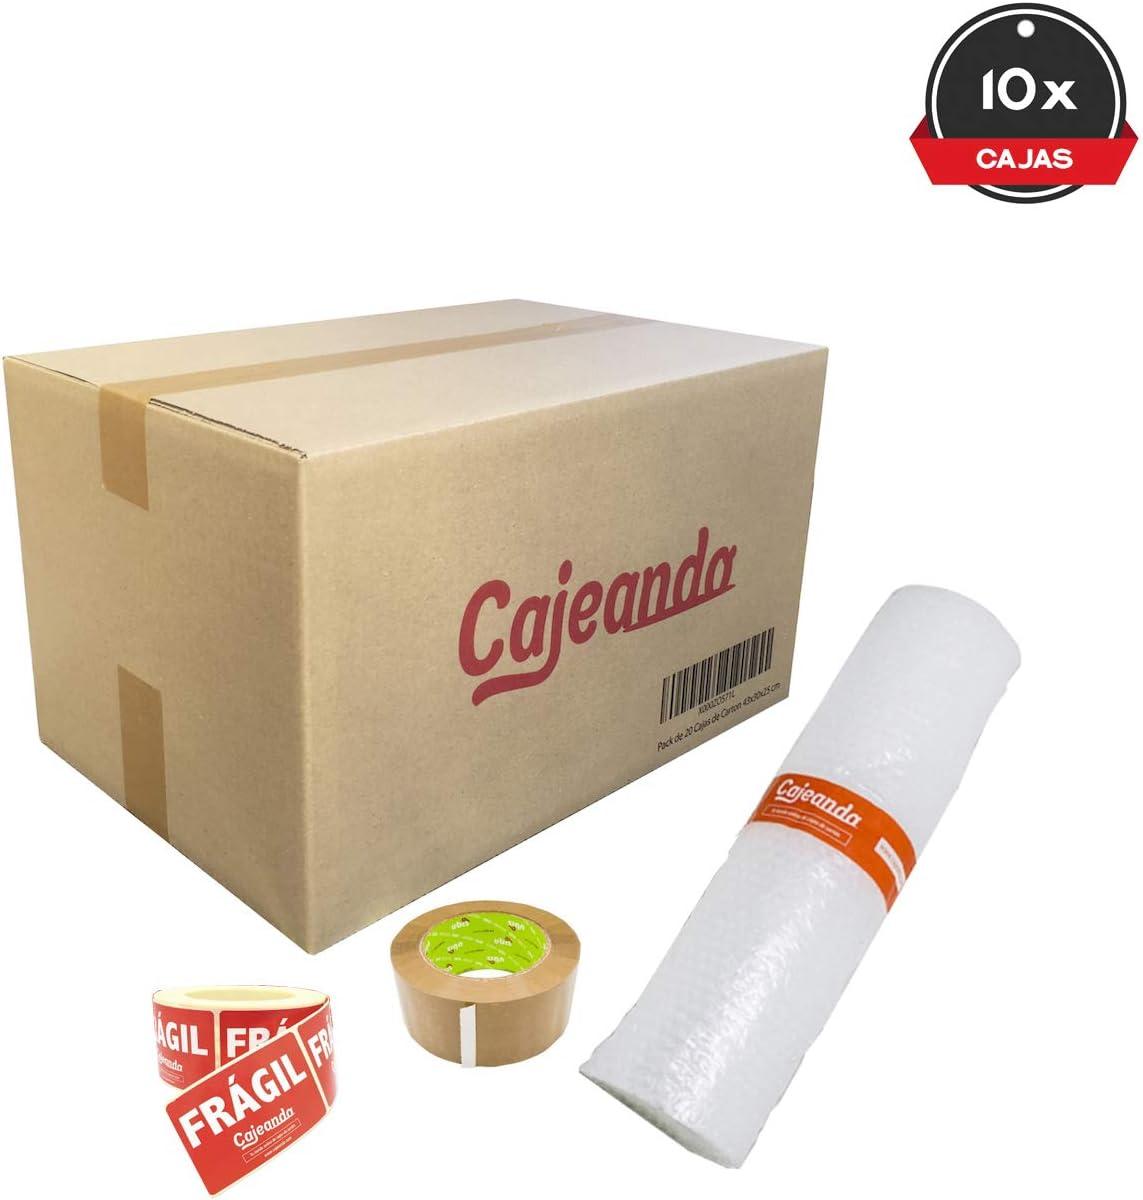 Cajeando | Pack Mudanza Básico de 10 Cajas de Cartón Tamaño 430 x ...